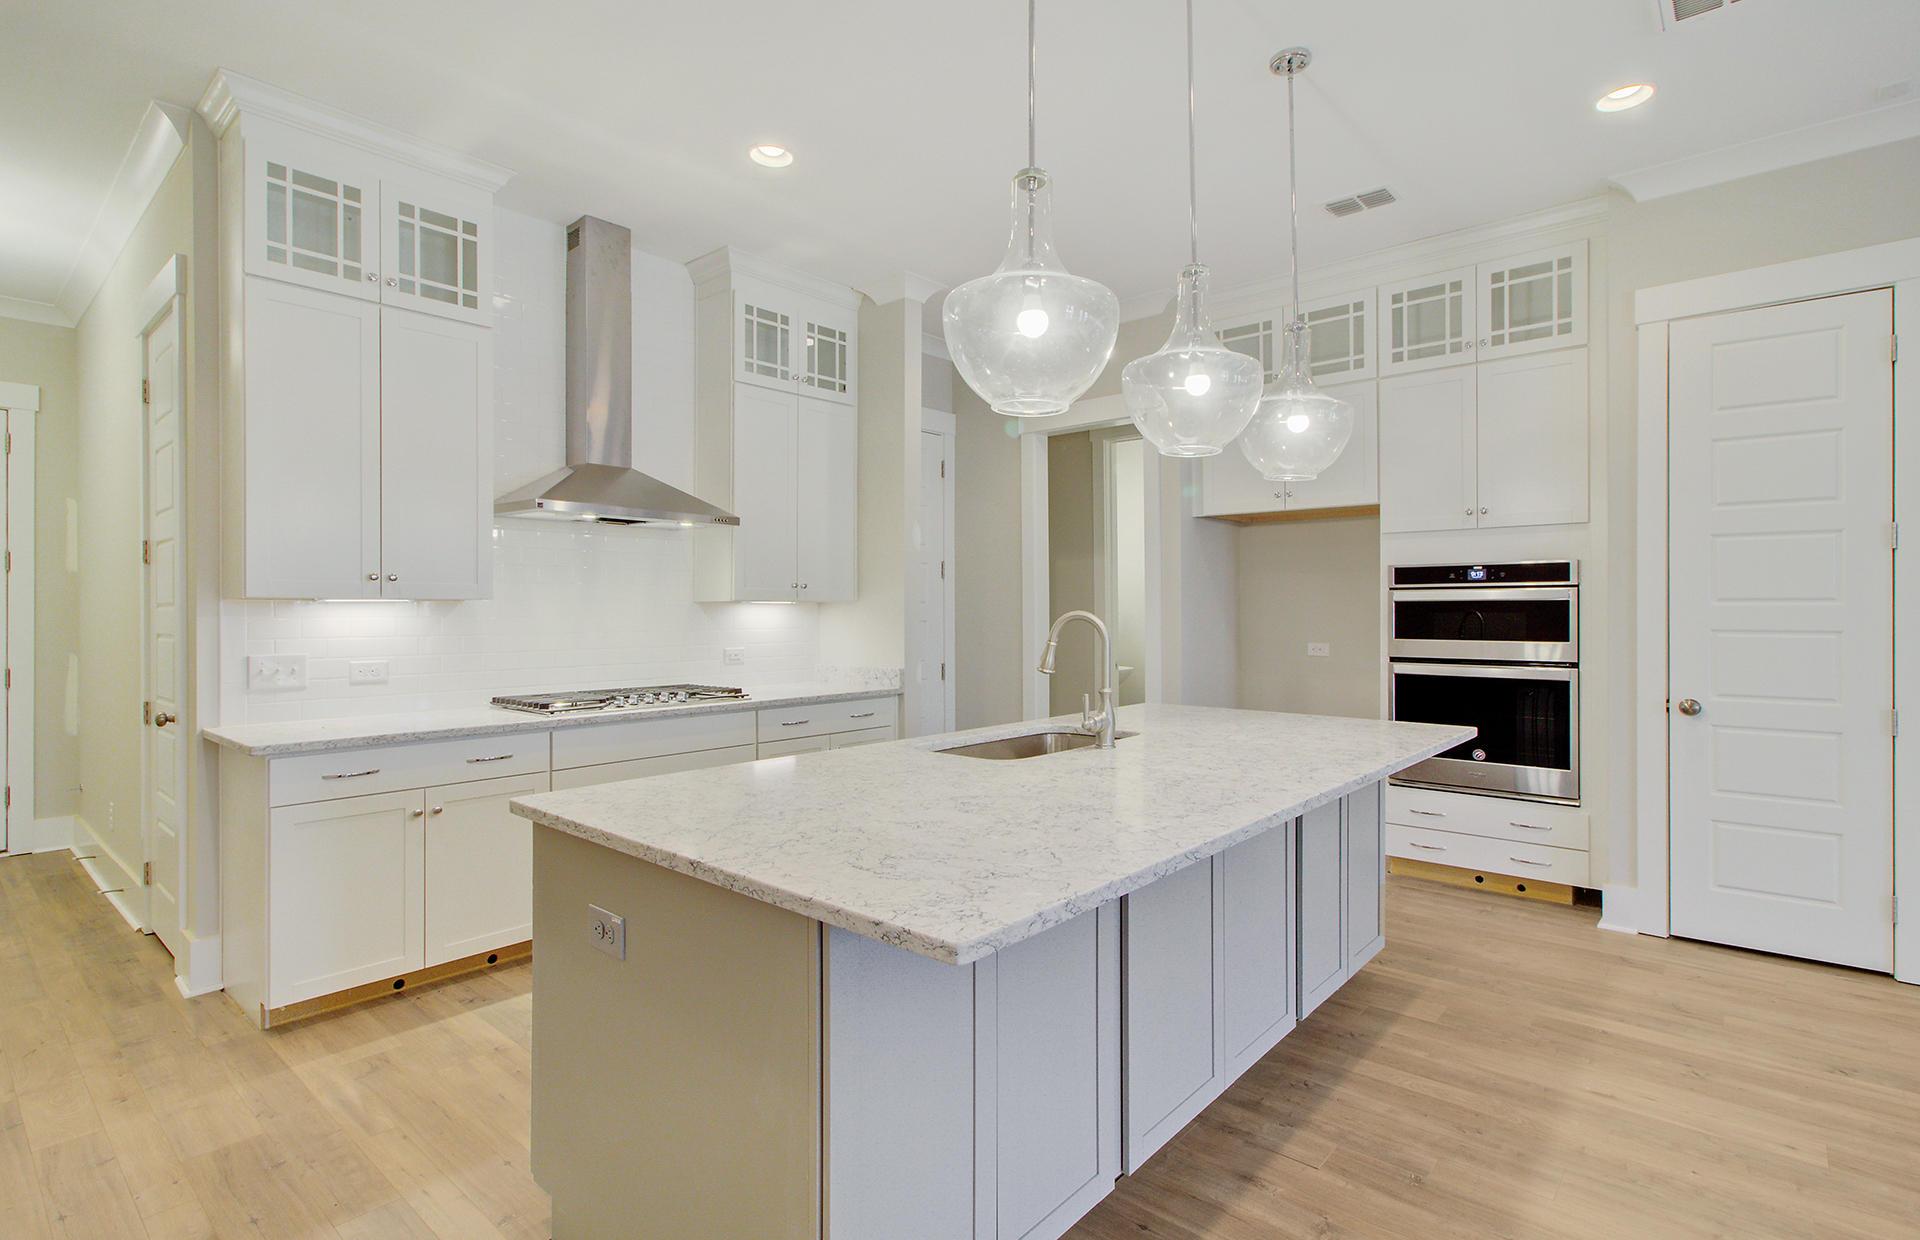 Dunes West Homes For Sale - 2406 Brackish, Mount Pleasant, SC - 13